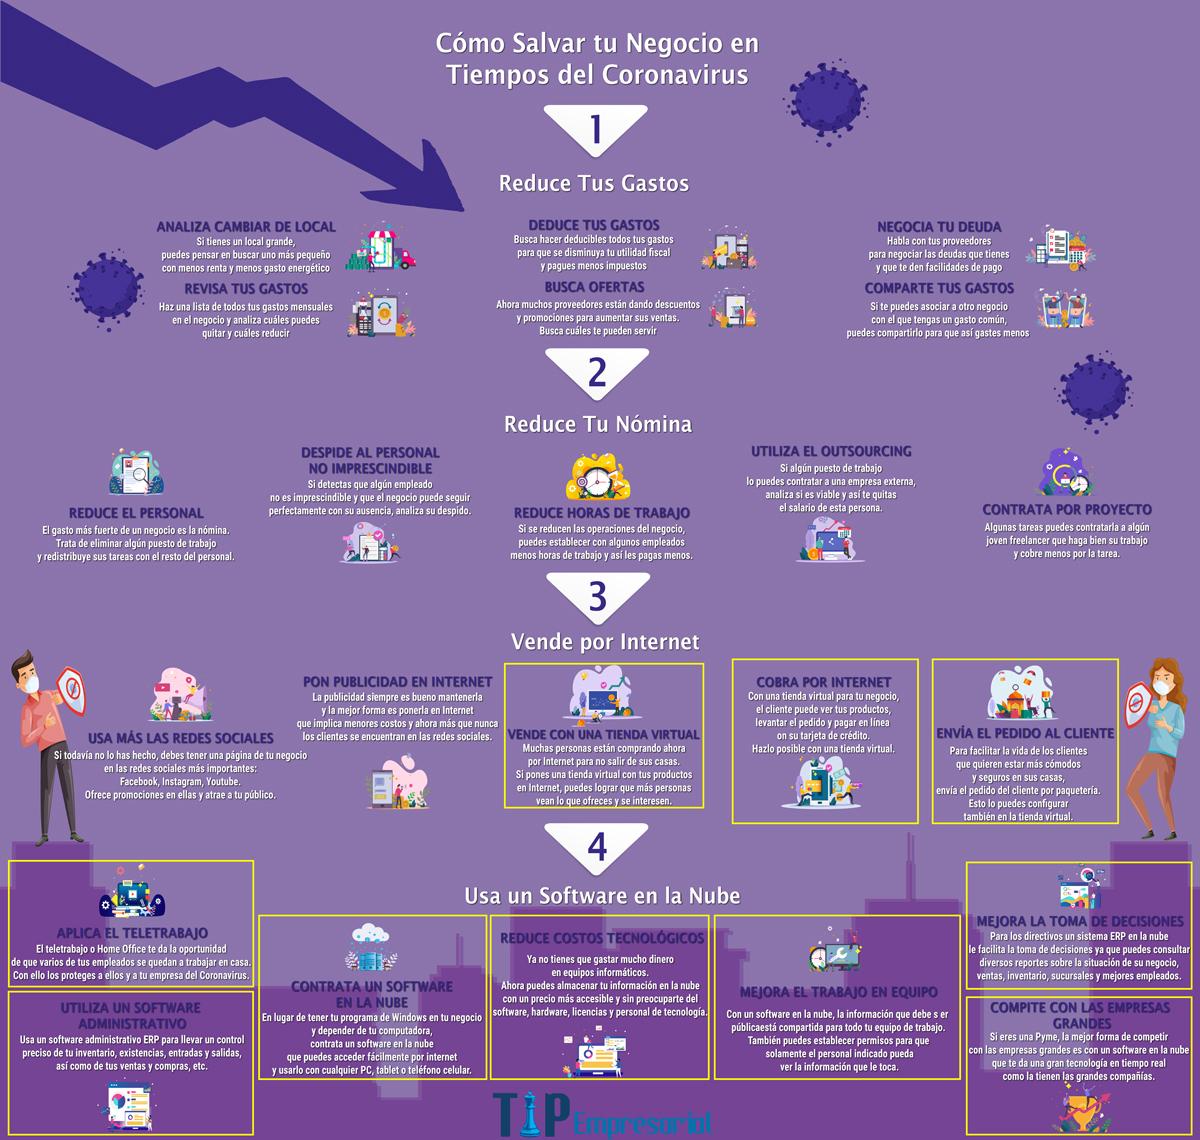 Cómo Salvar tu Negocio en Tiempos del Coronavirus